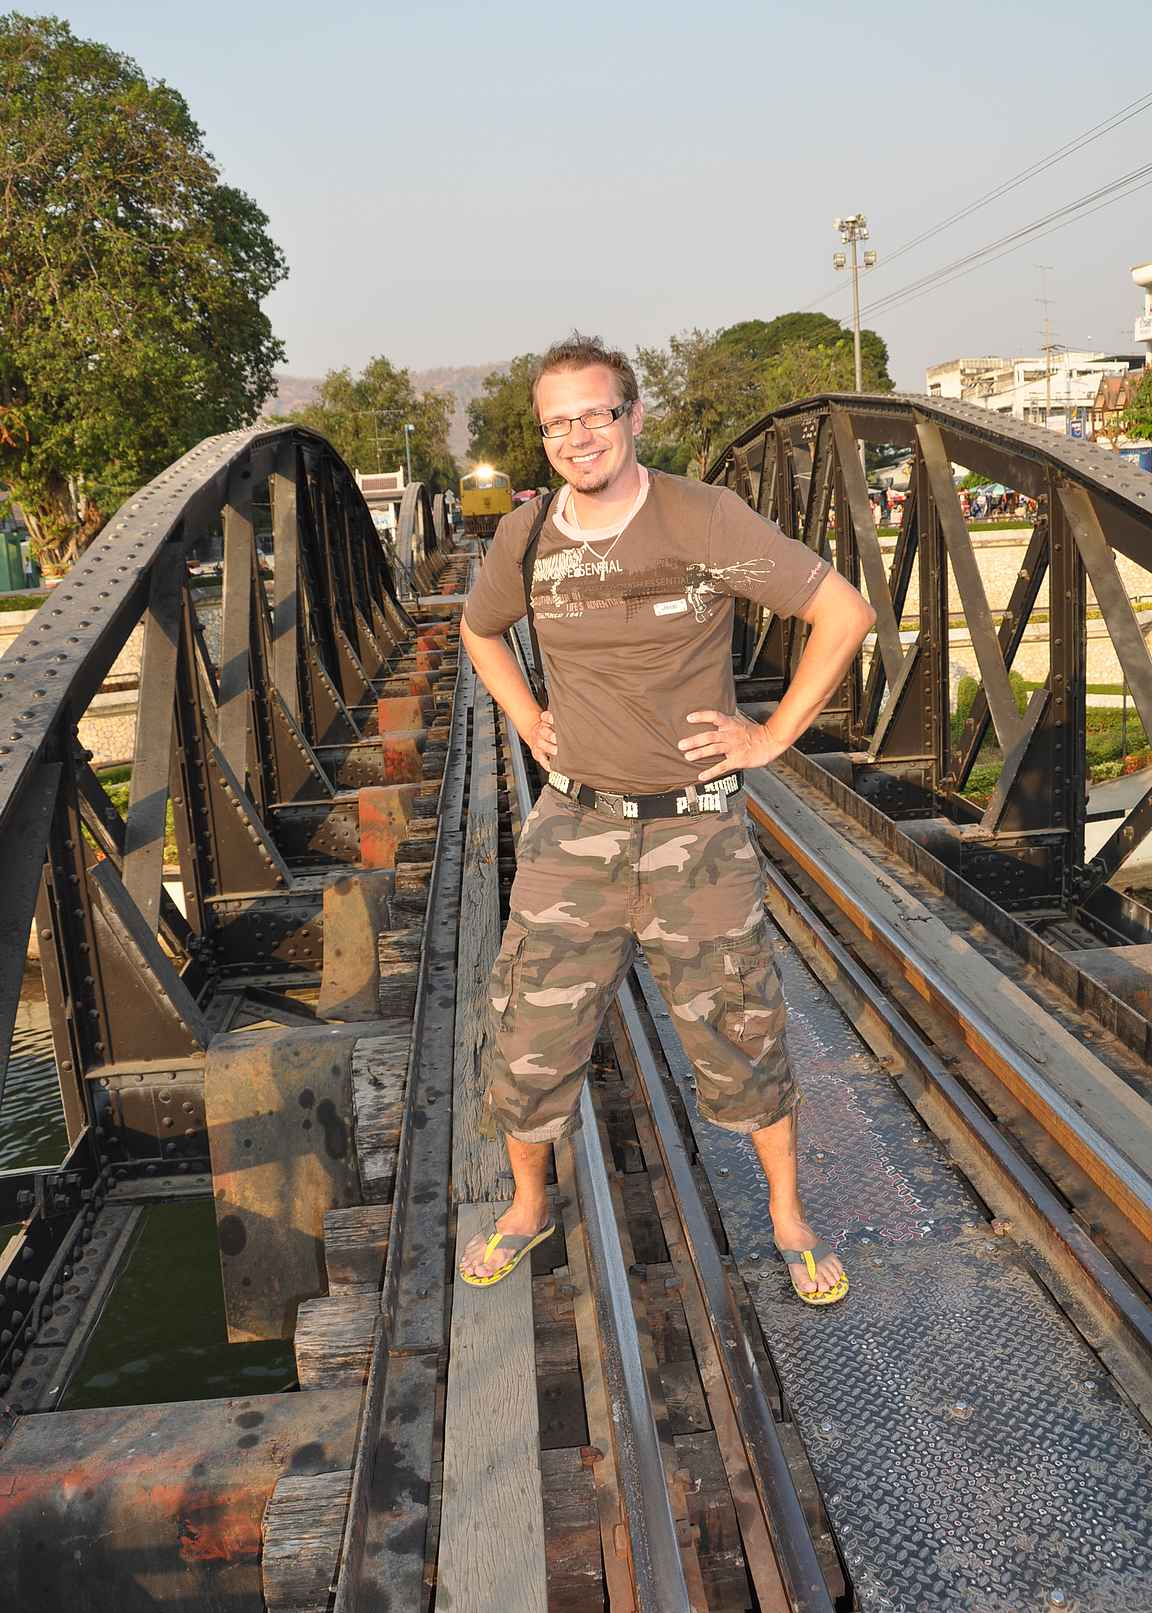 Kymmenen vuotta sitten sillalta olisi helposti pudonnut veteen...